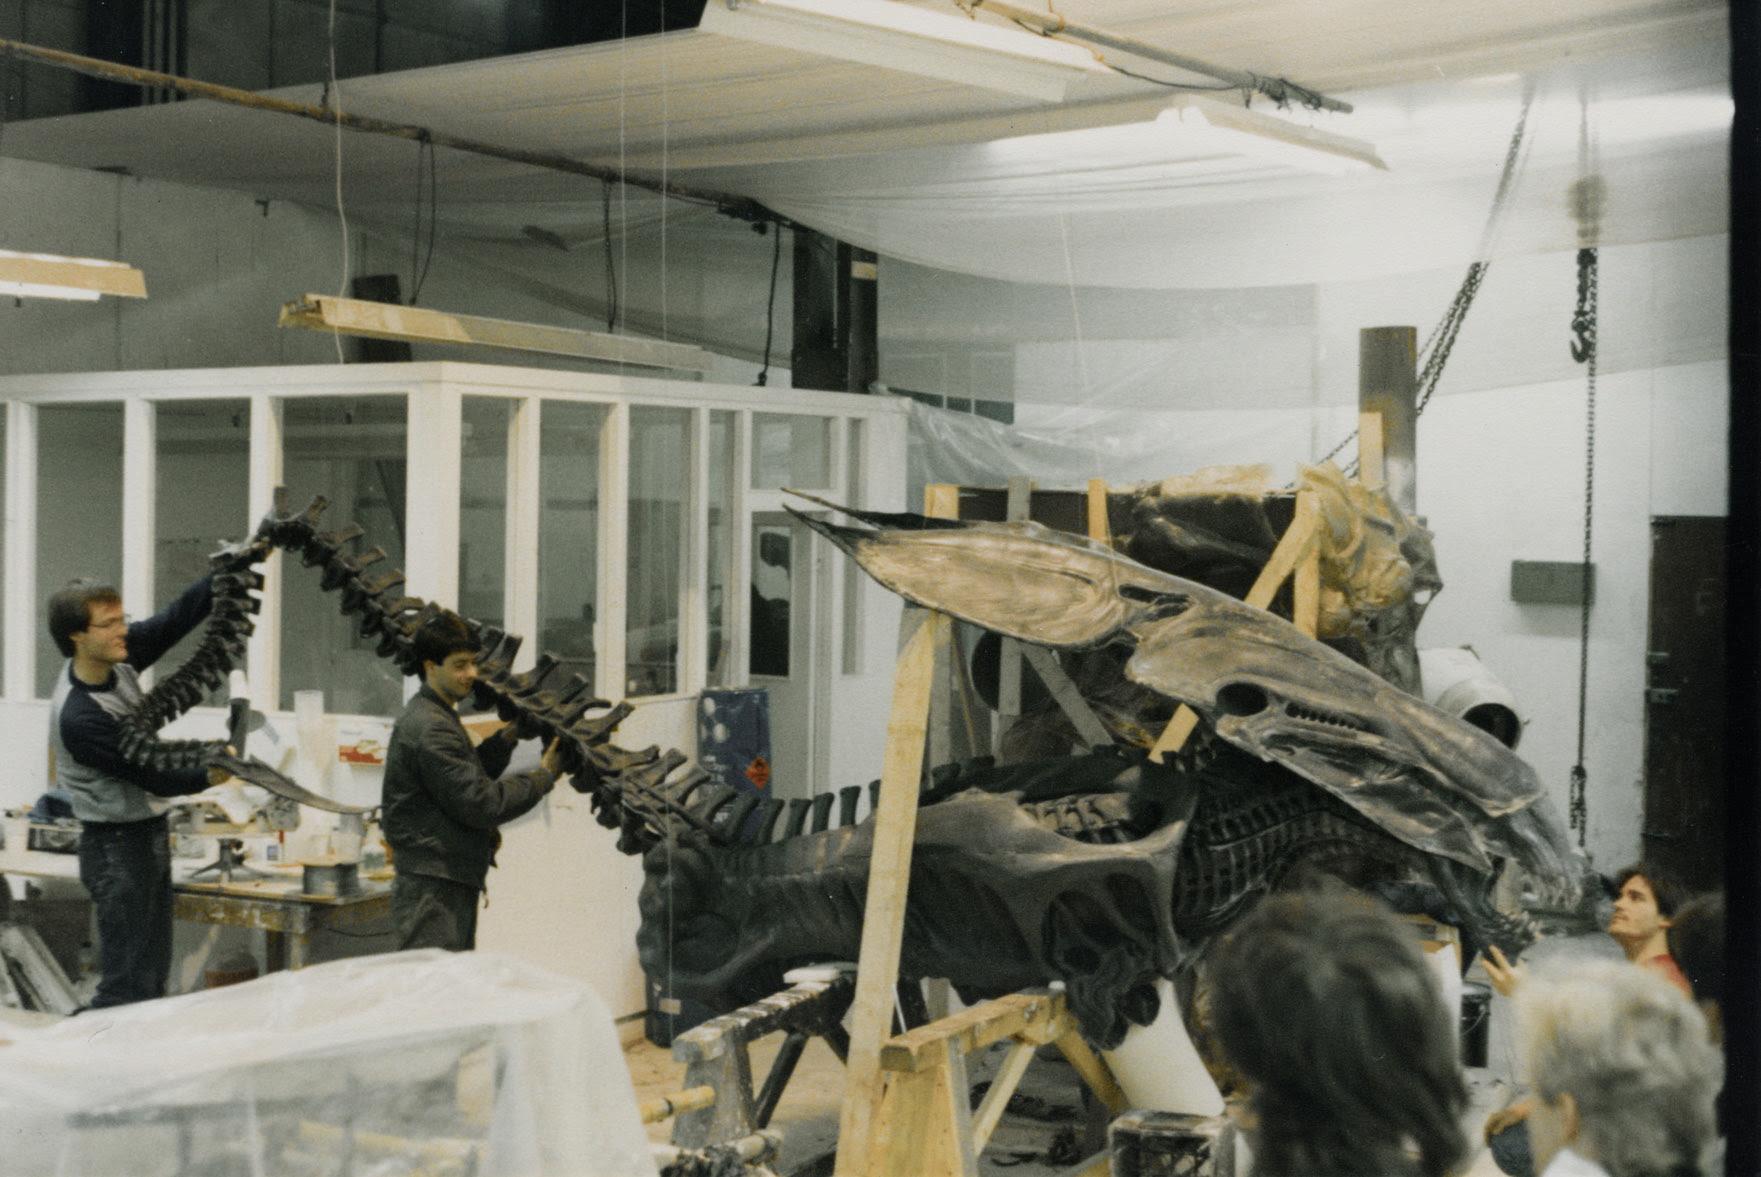 photo tournage coulisse cinema Alien2 47 Photos sur des tournages de films #2  photo featured cinema 2 bonus